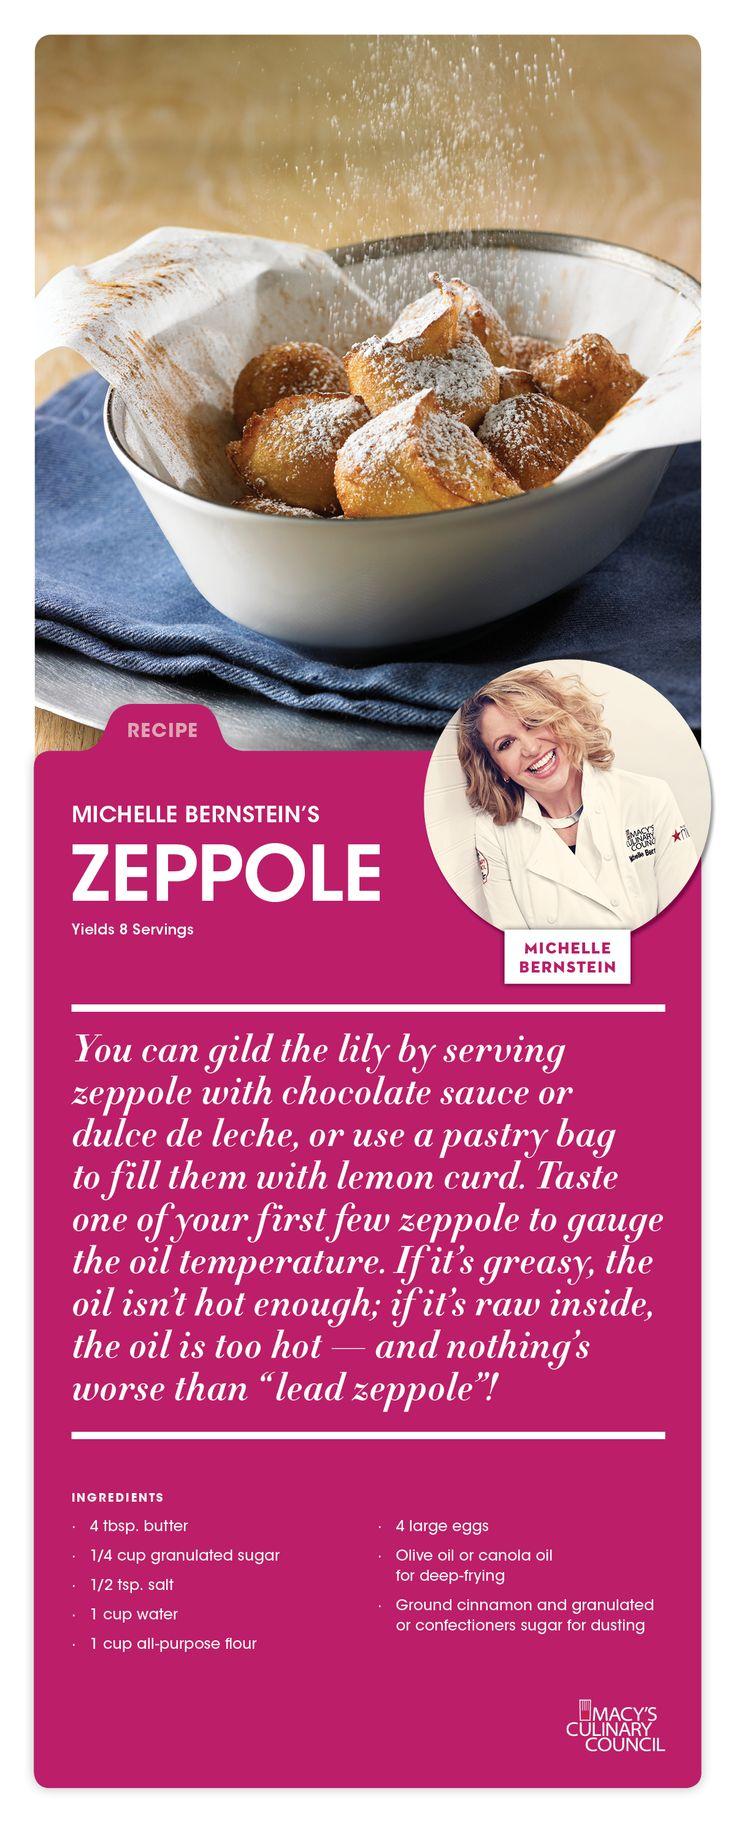 35 Best Michelle Bernstein Recipes Images On Pinterest